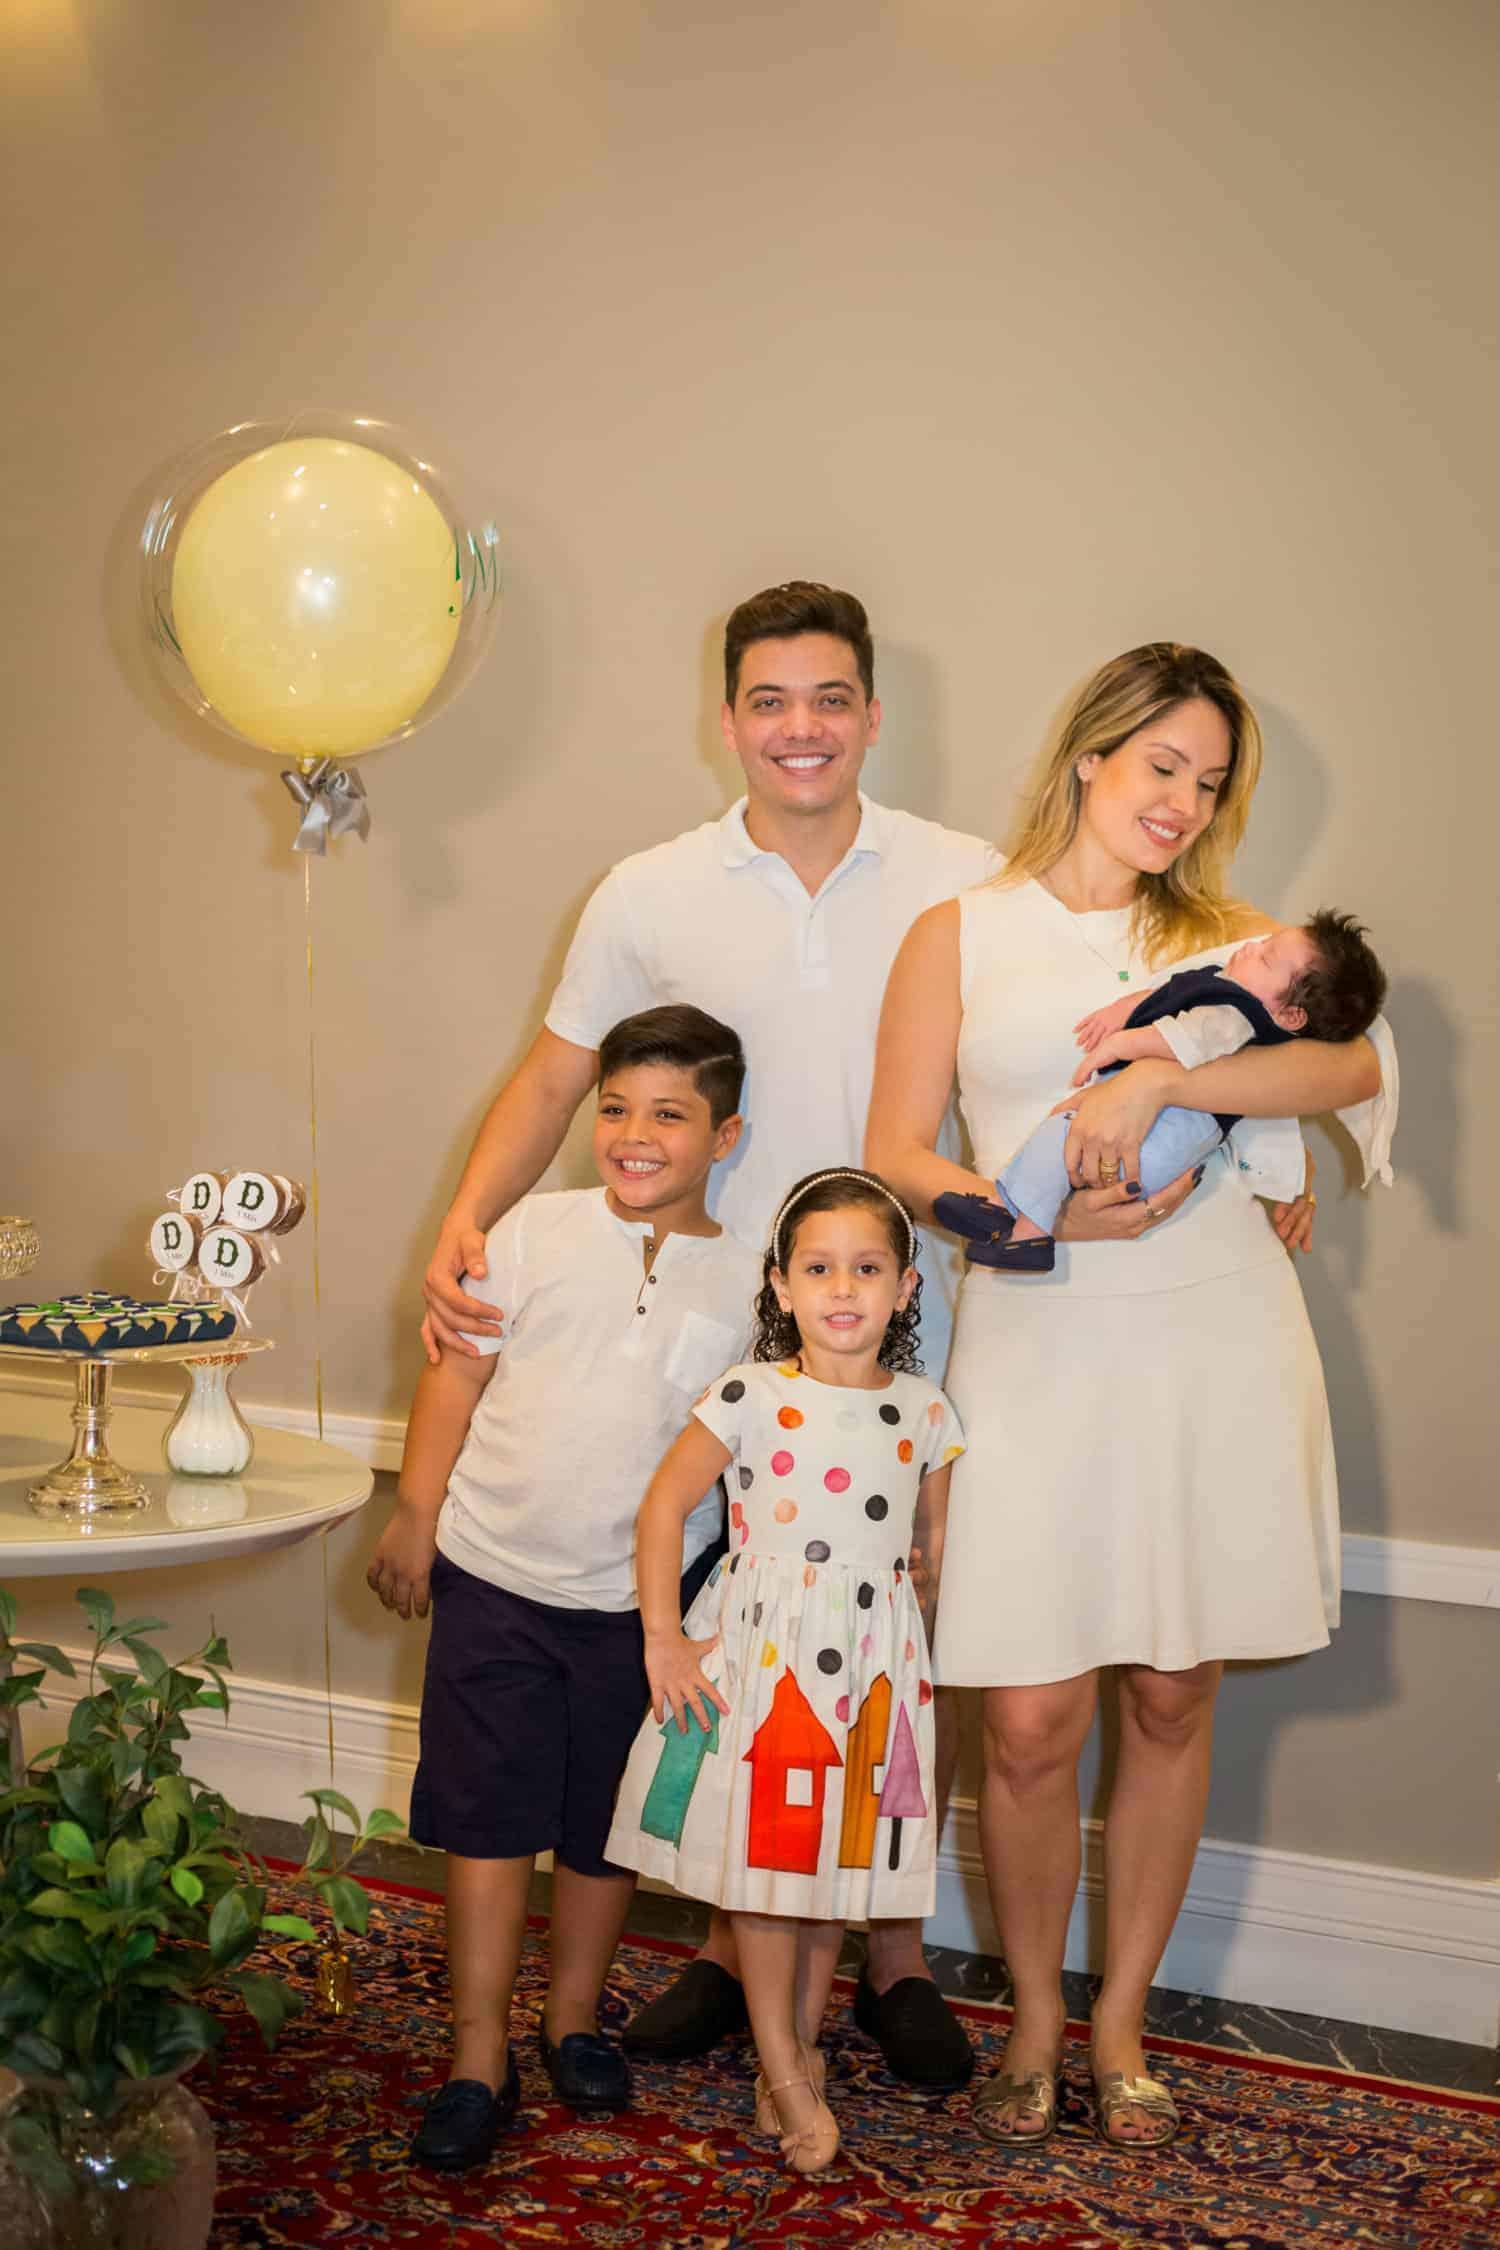 Safadão com sua esposa Thyane Dantas e seus filhos Dom, Ysys e Yhudy